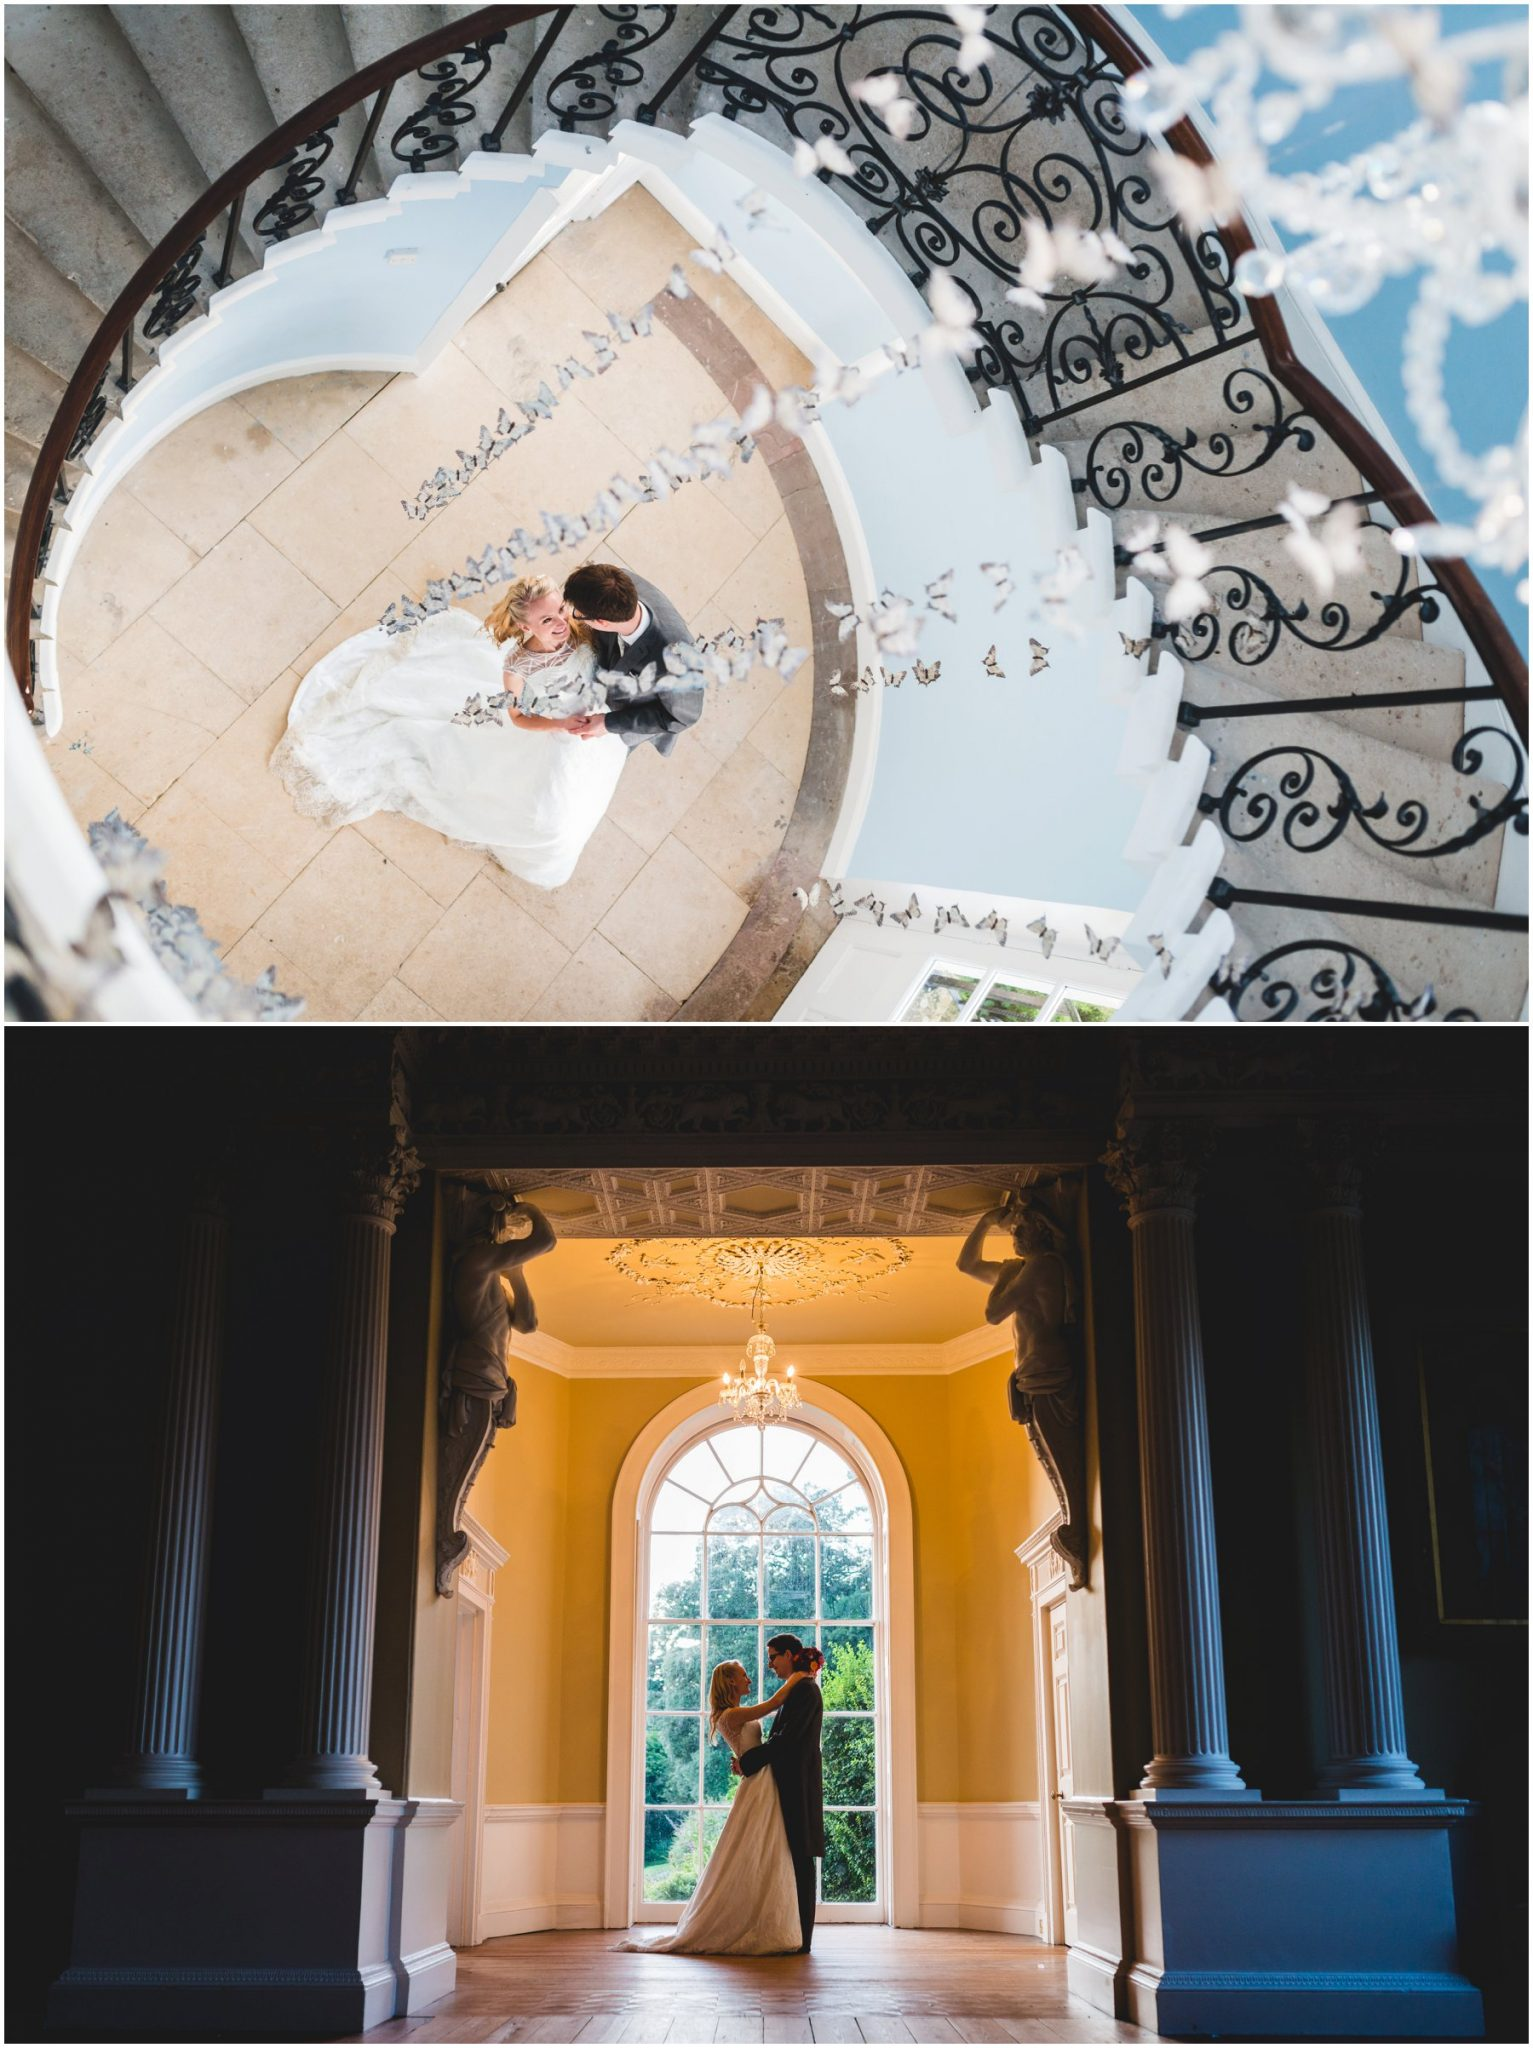 Kimberley Hall Wedding - Norwich Wedding Photographer